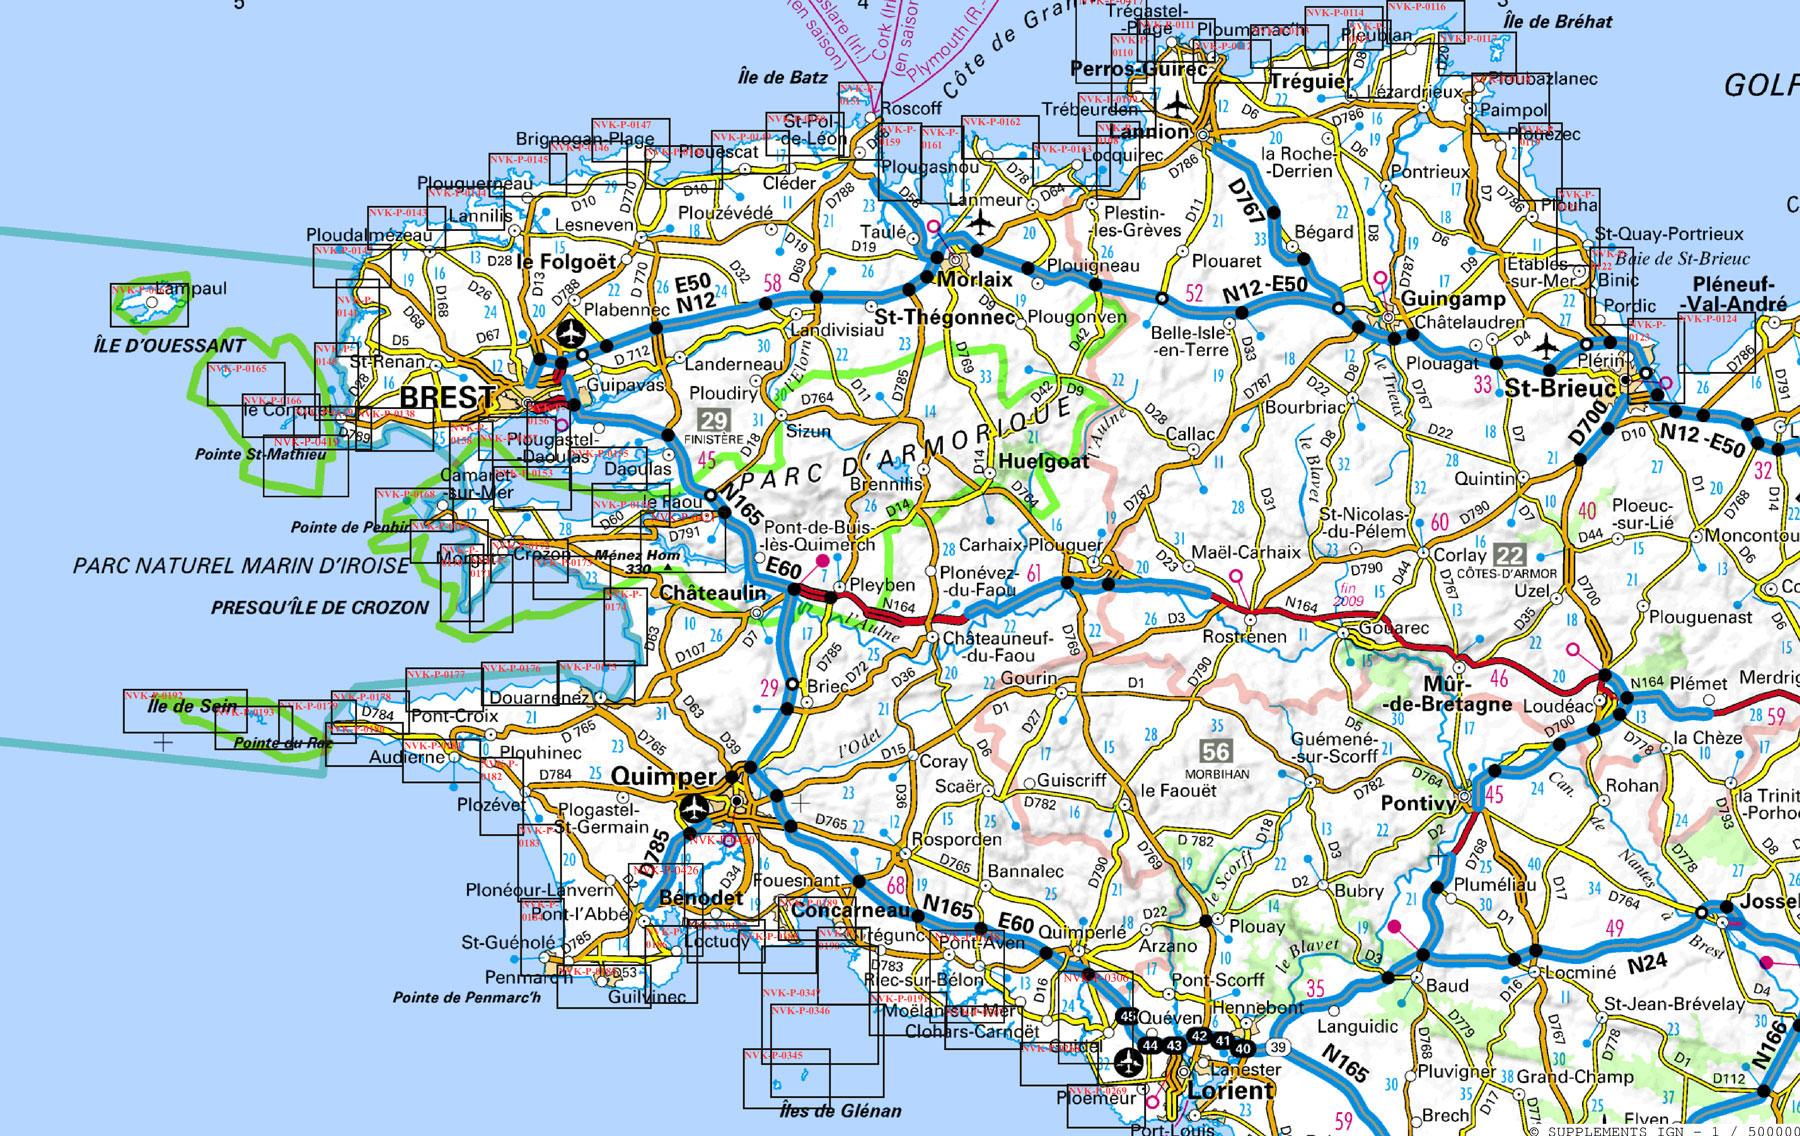 Carte des routes nationales en Bretagne